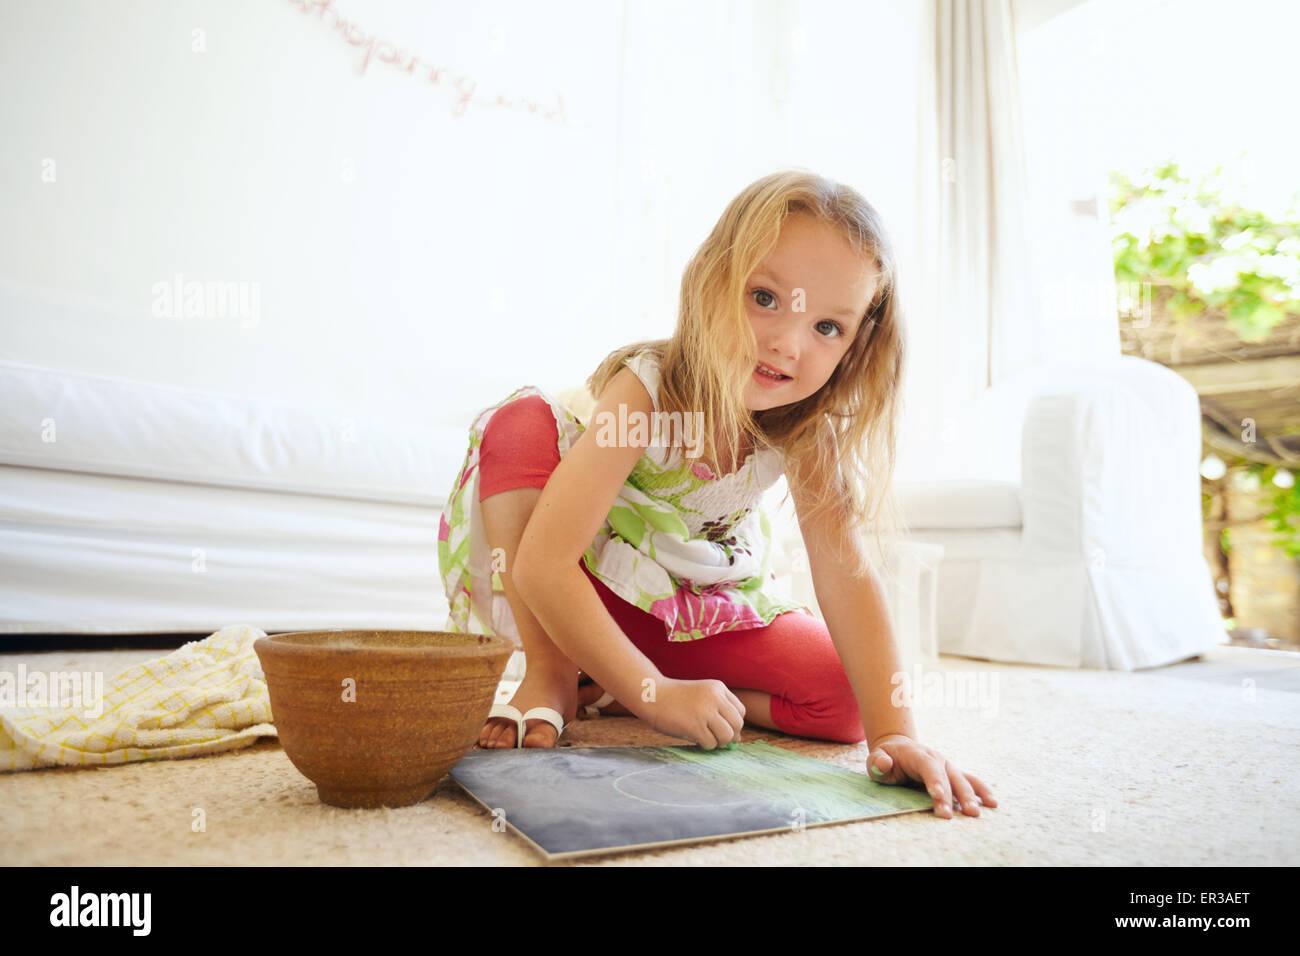 Retrato de niña inocente pintar un cuadro. Colegiala sentada en el suelo colorear sonriendo mirando a la cámara. Imagen De Stock